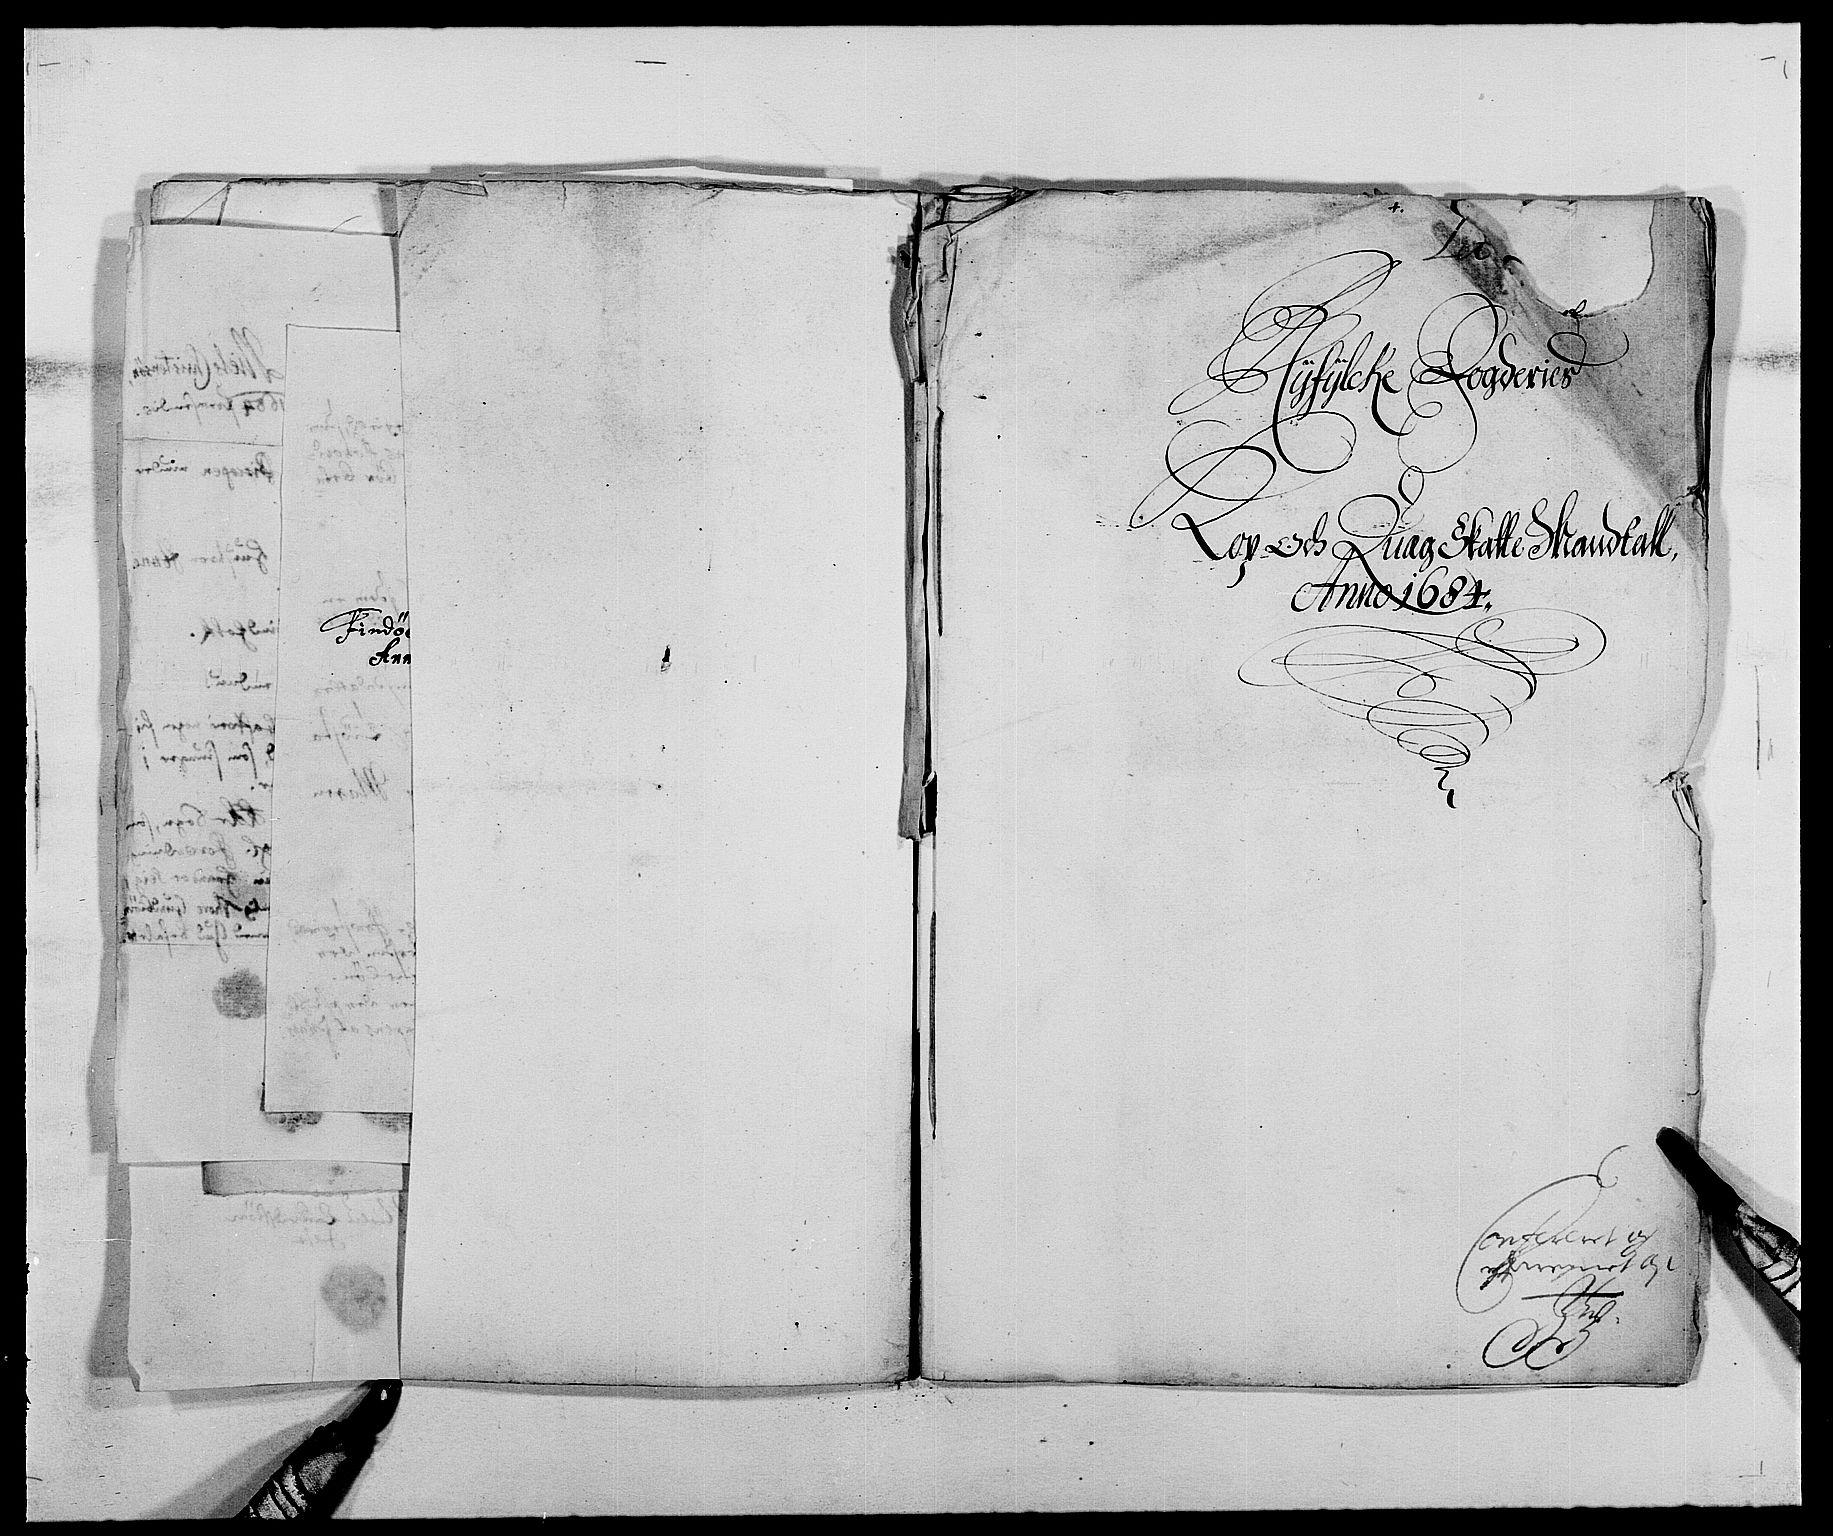 RA, Rentekammeret inntil 1814, Reviderte regnskaper, Fogderegnskap, R47/L2854: Fogderegnskap Ryfylke, 1684, s. 228